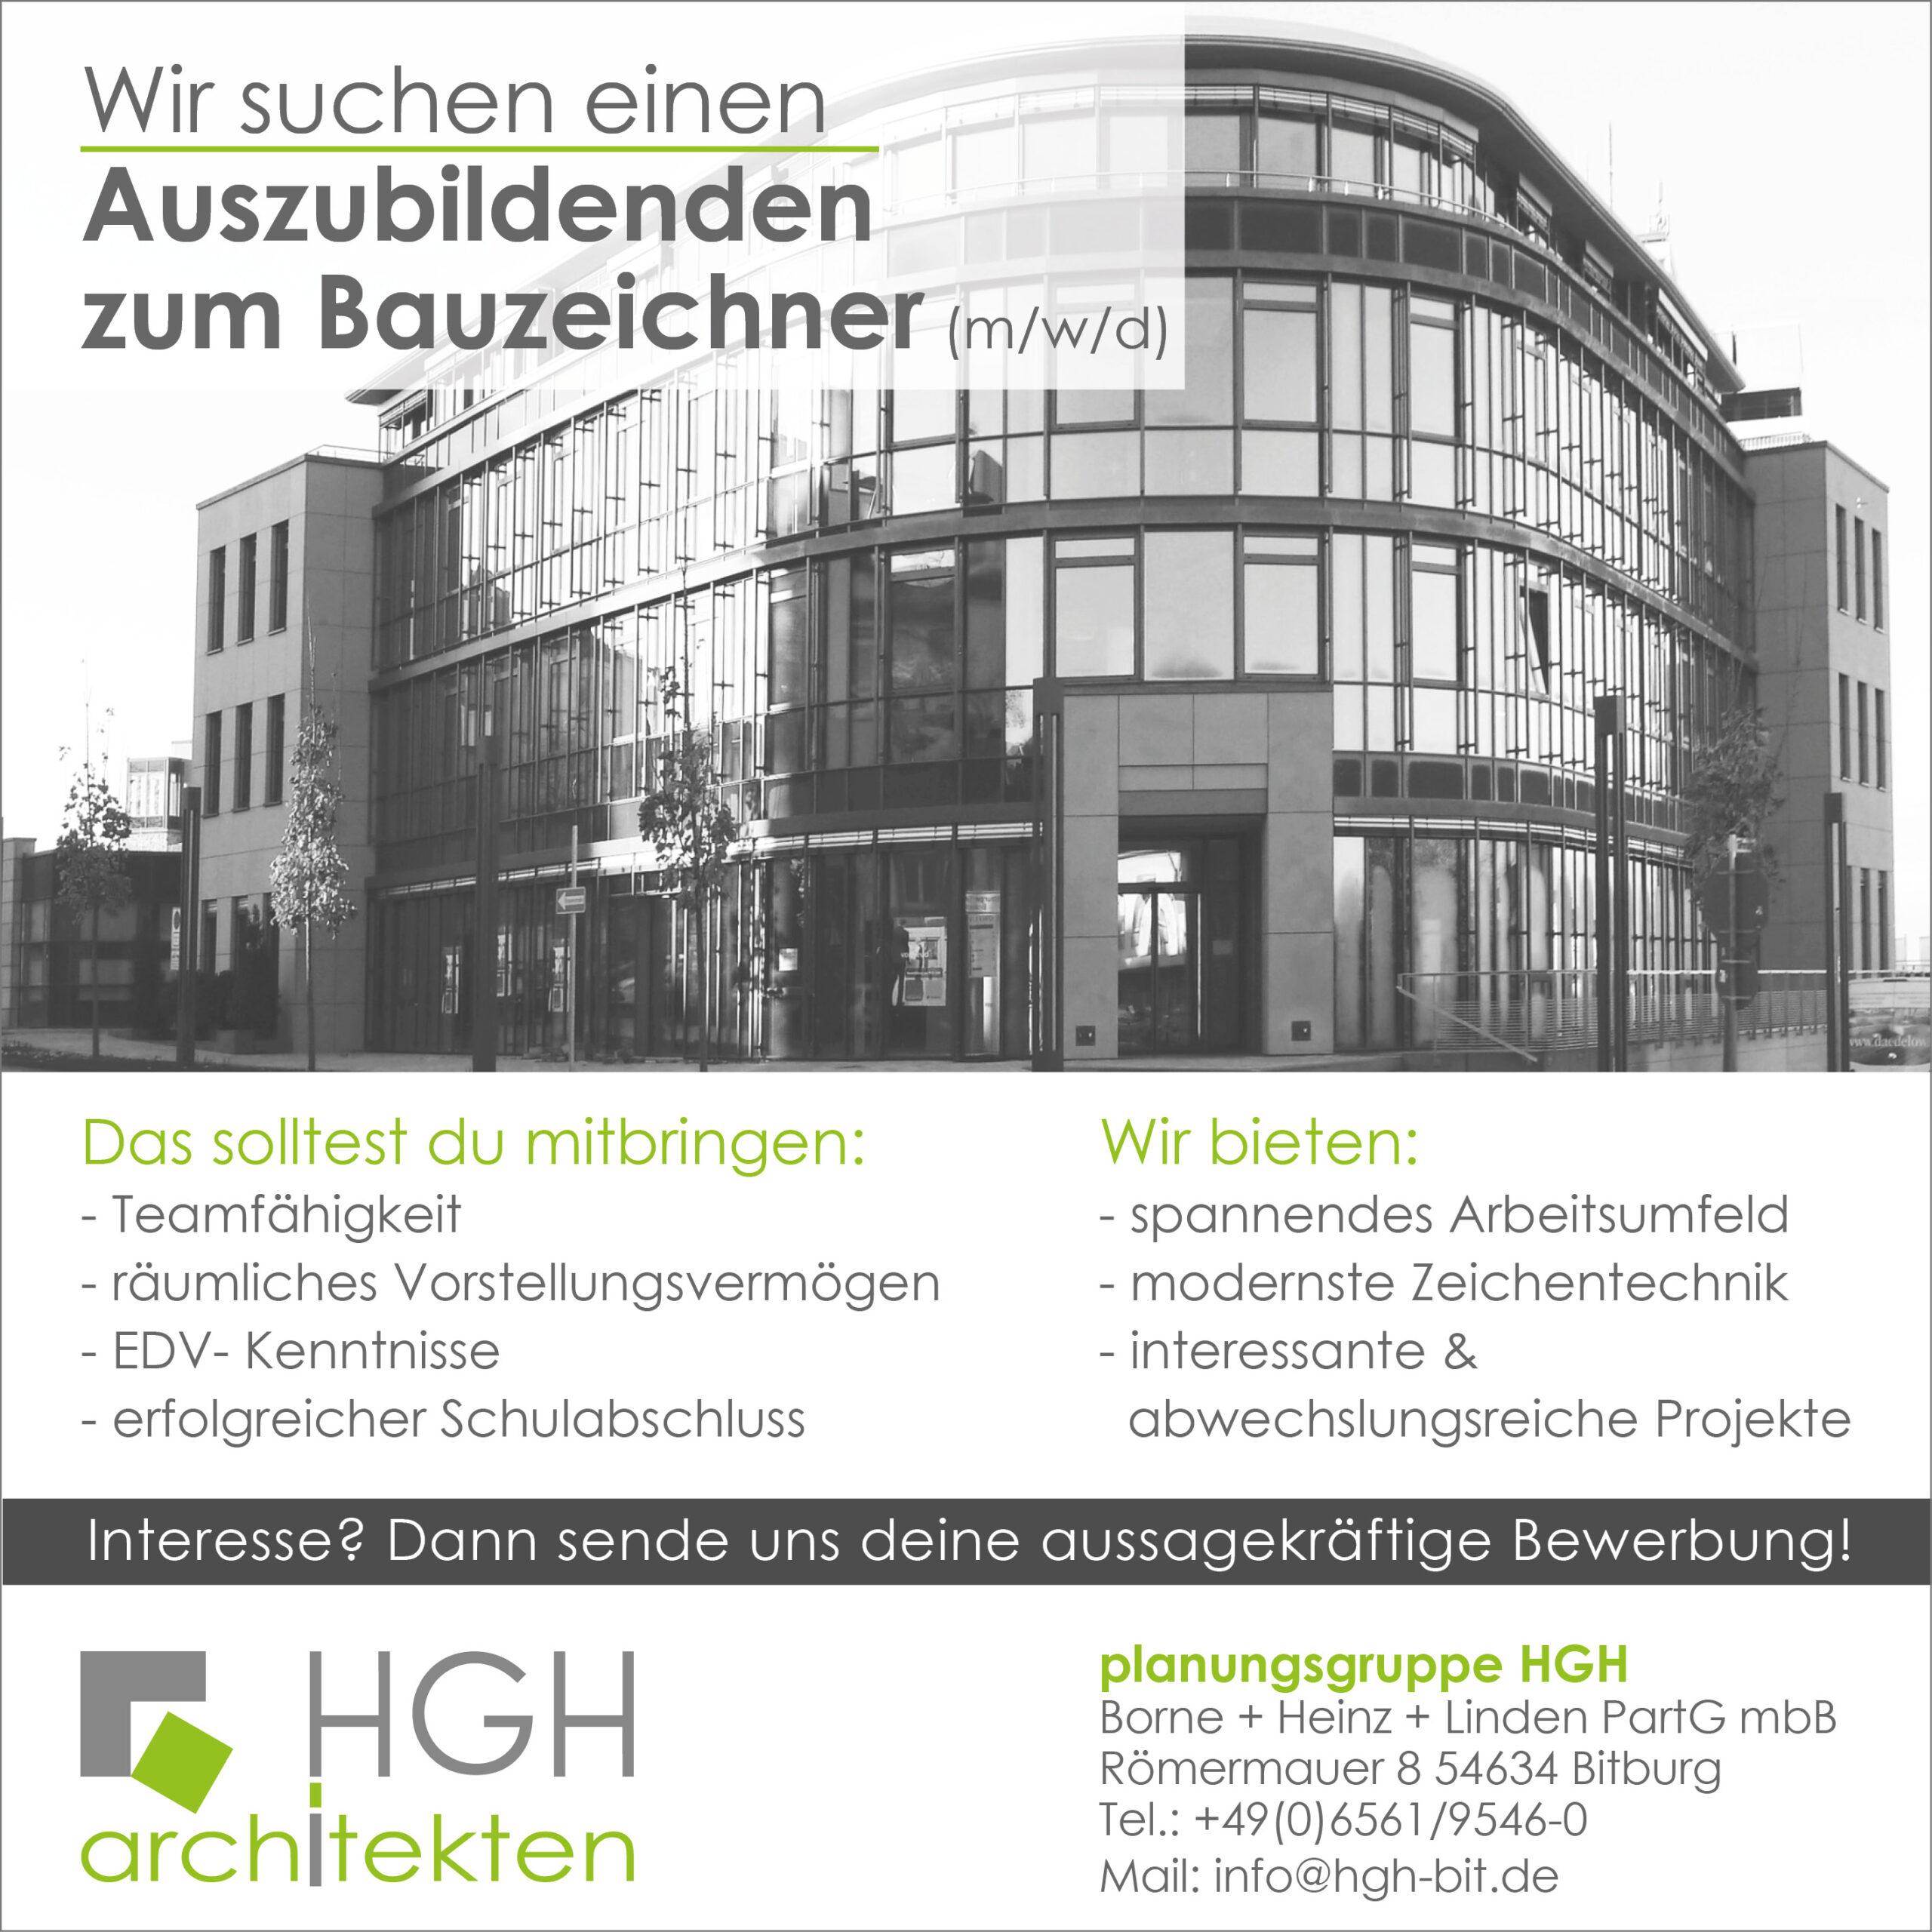 Die Mitarbeiter der HGH architekten in Bitburg